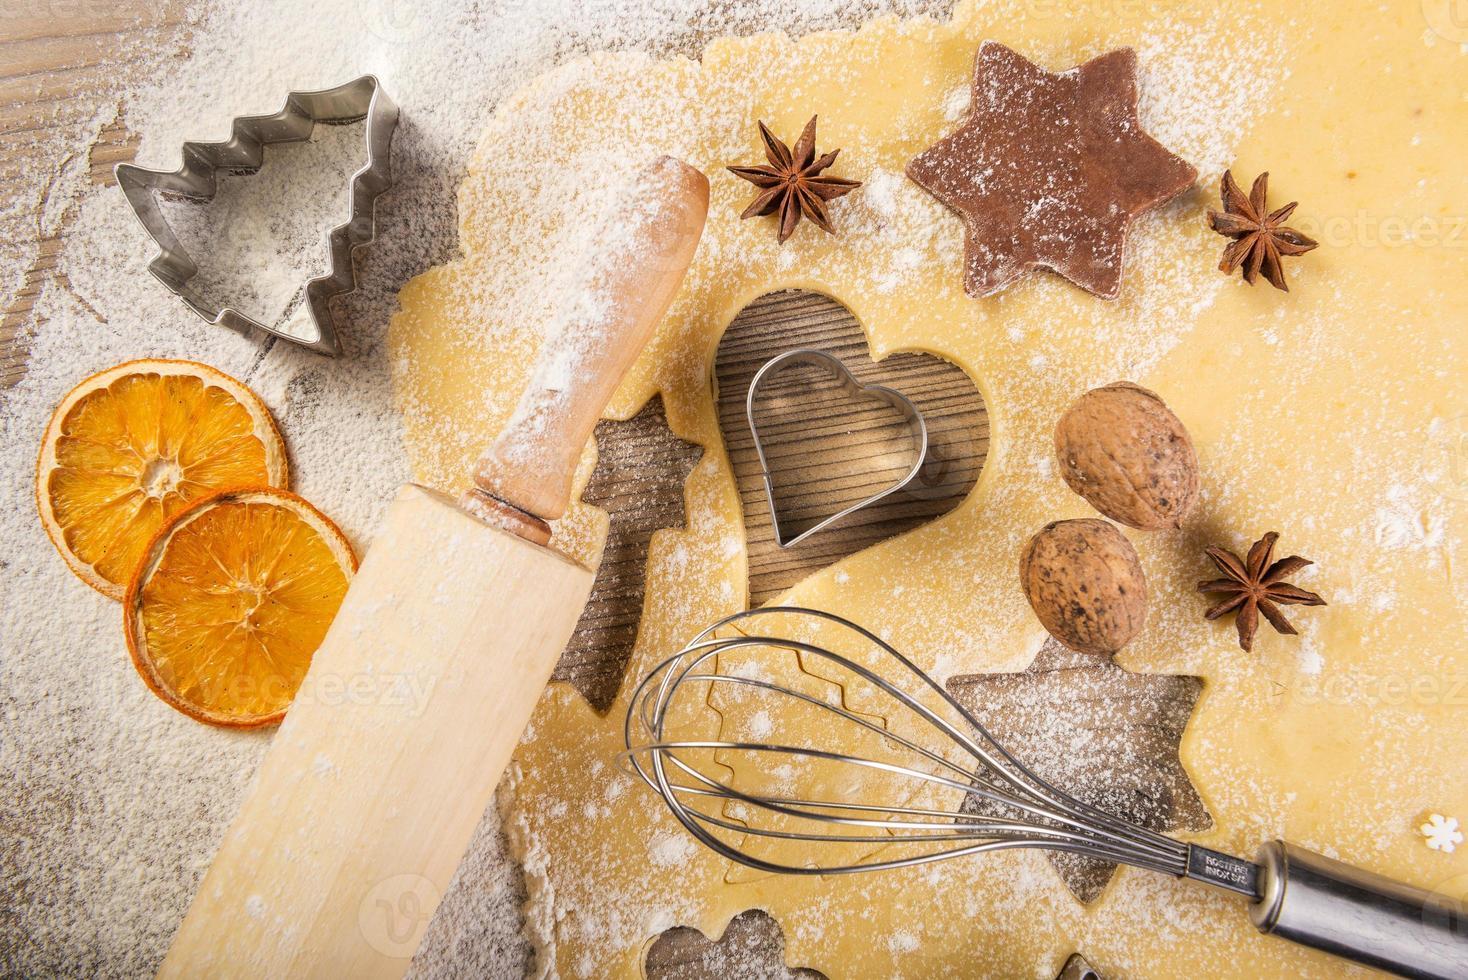 cottura di natale, biscotti, mattarello, miscelatore, foto